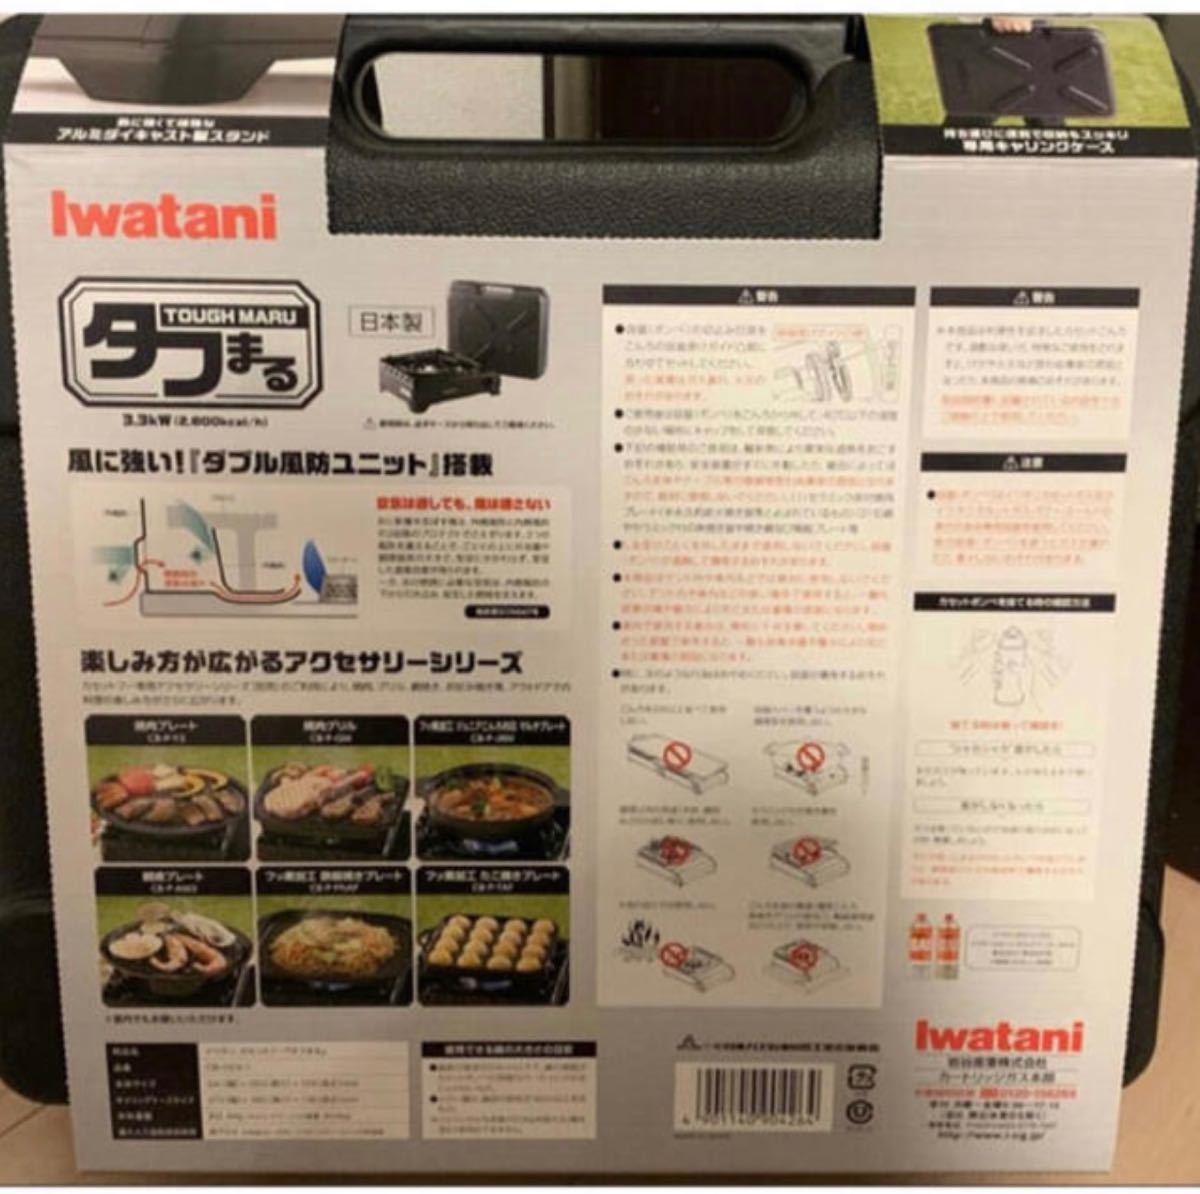 カセットこんろ Iwatani CB-ODX-1 カセットフータフまる ガスコンロ アウトドア キャンプ用品 BBQ イワタニ